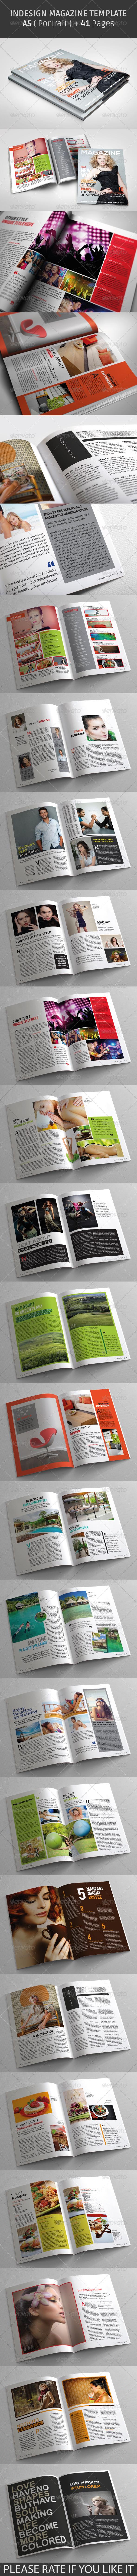 GraphicRiver A5 Magazine Template Portrait 5323642